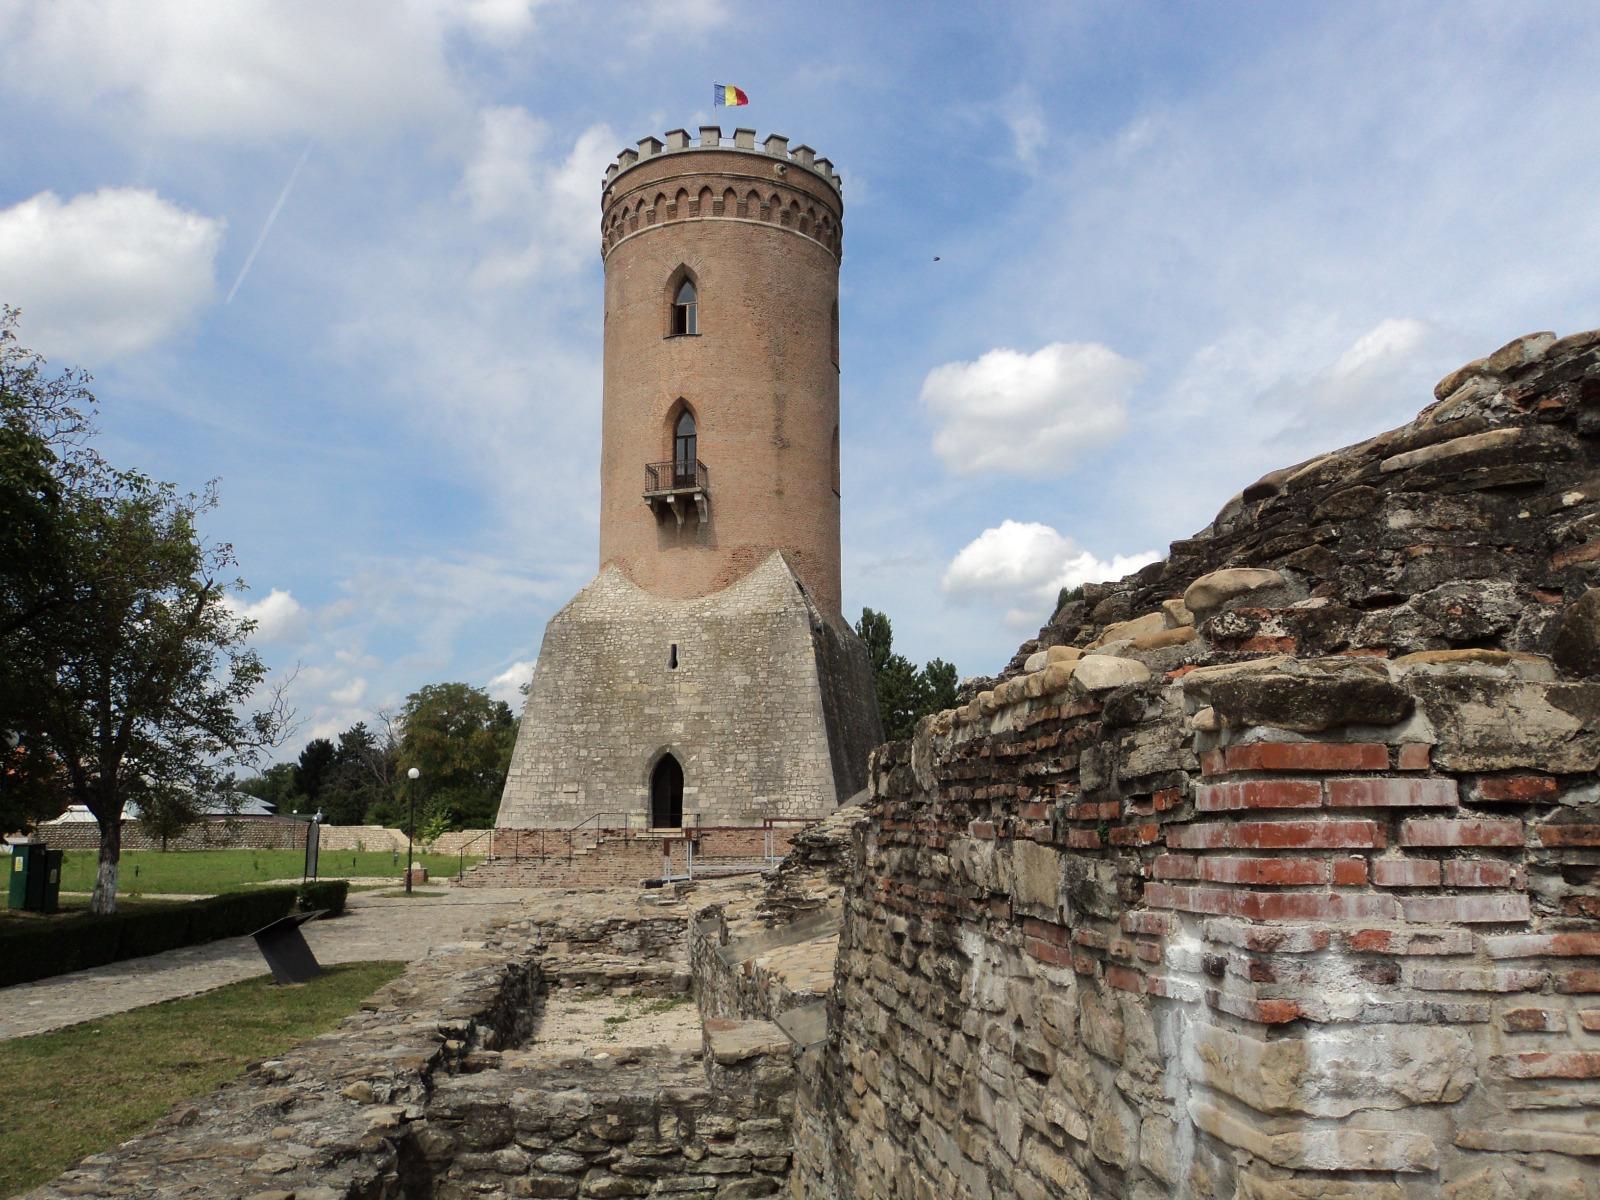 https://www.cjd.ro/storage/comunicate-de-presa/a-inceput-editia-de-primavara-a-targului-de-turism-al-romaniei-5.jfif